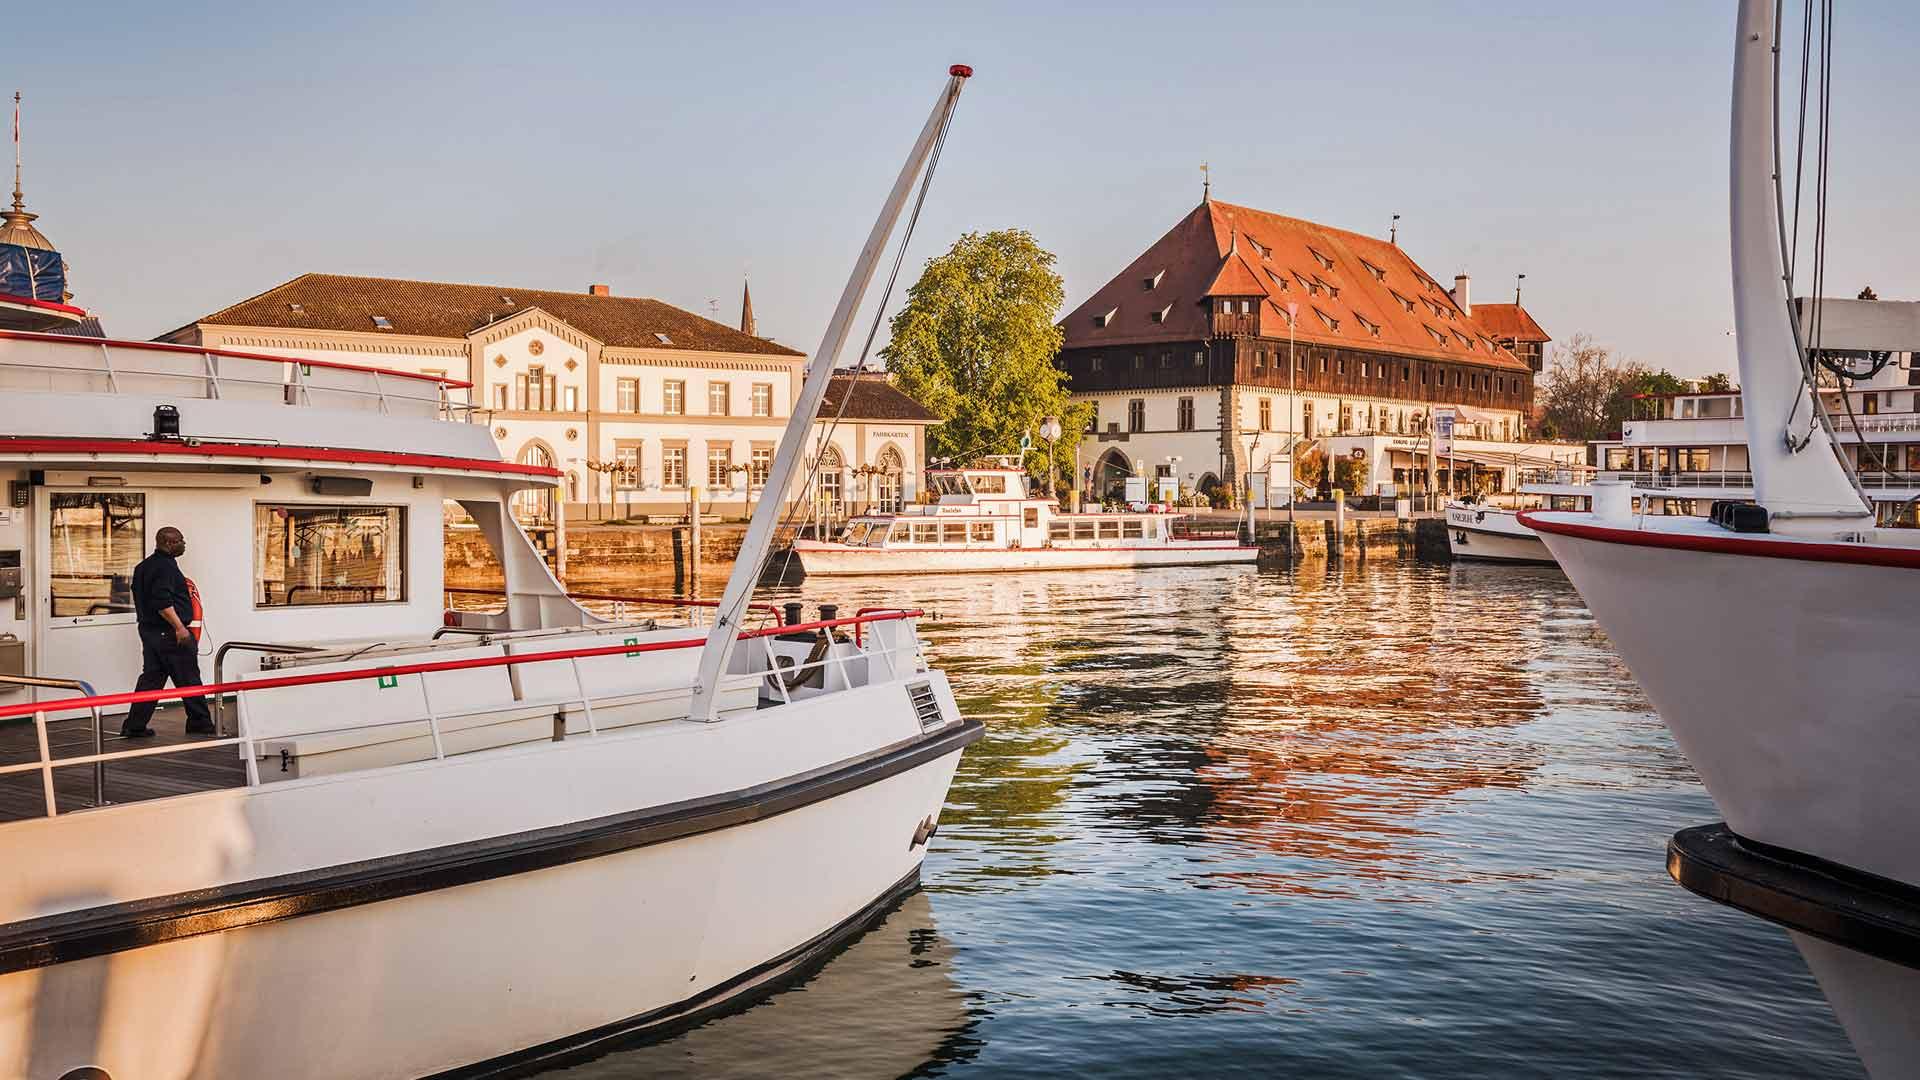 De gezellige haven van Konstanz aan de Bodensee.